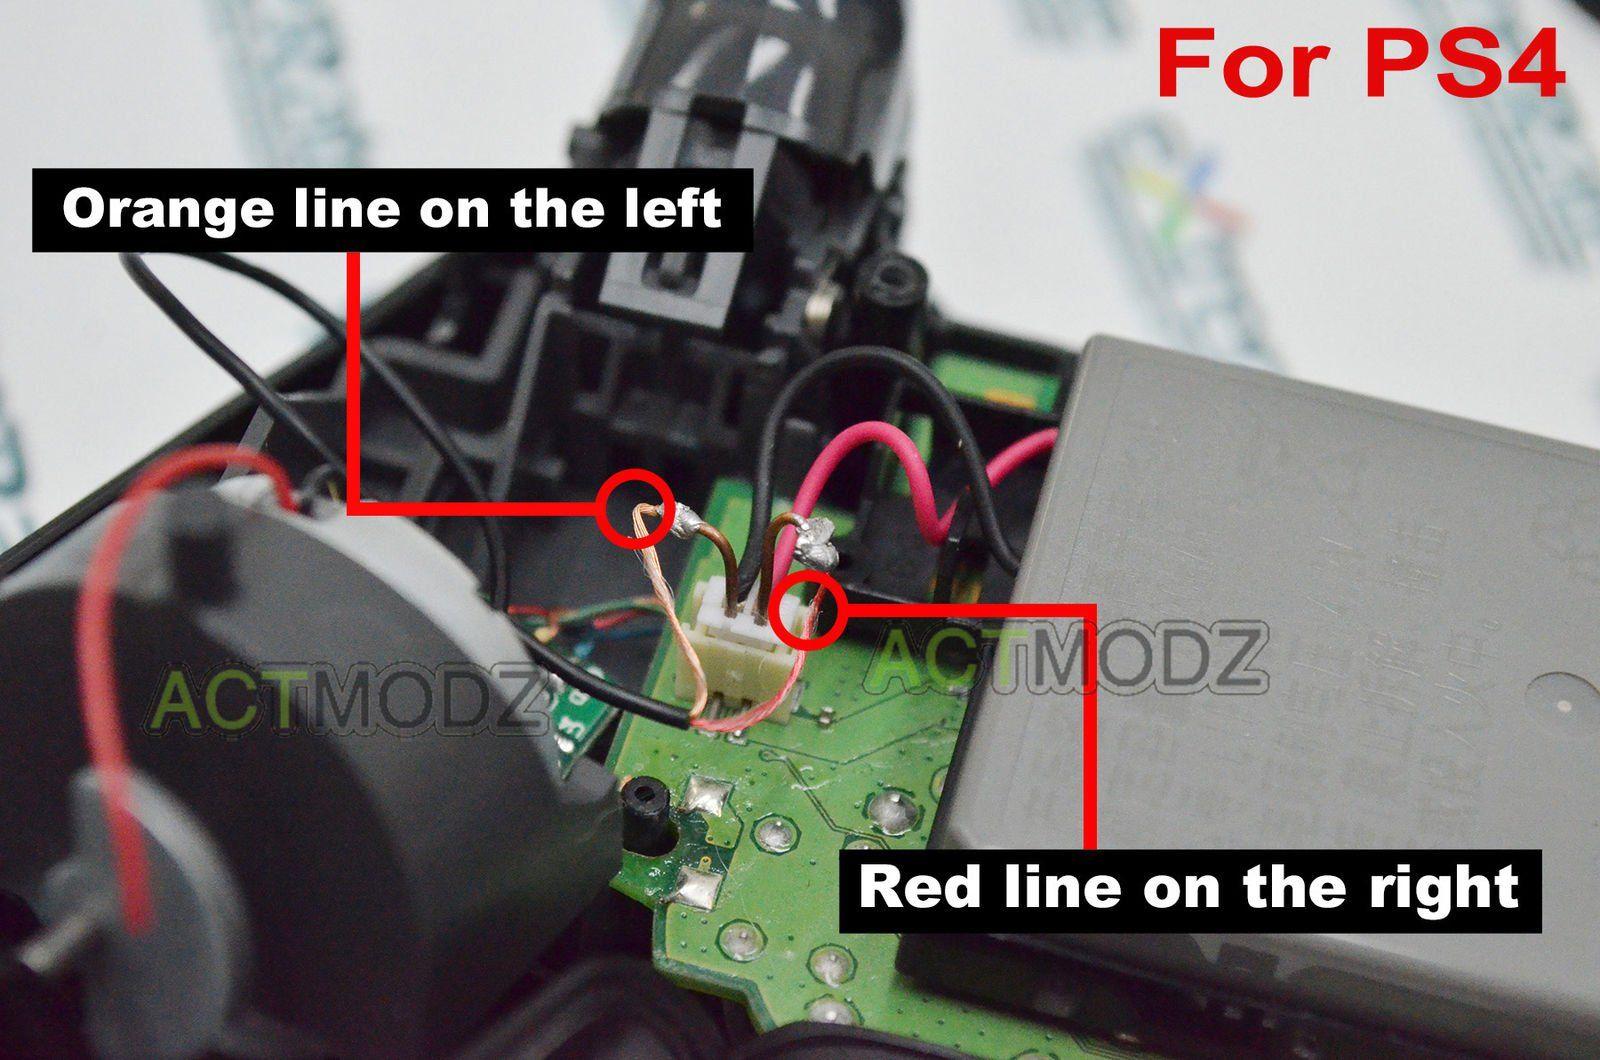 ACTMODZ Transparent Analog DIY LED Light Thumb Sticks Mod